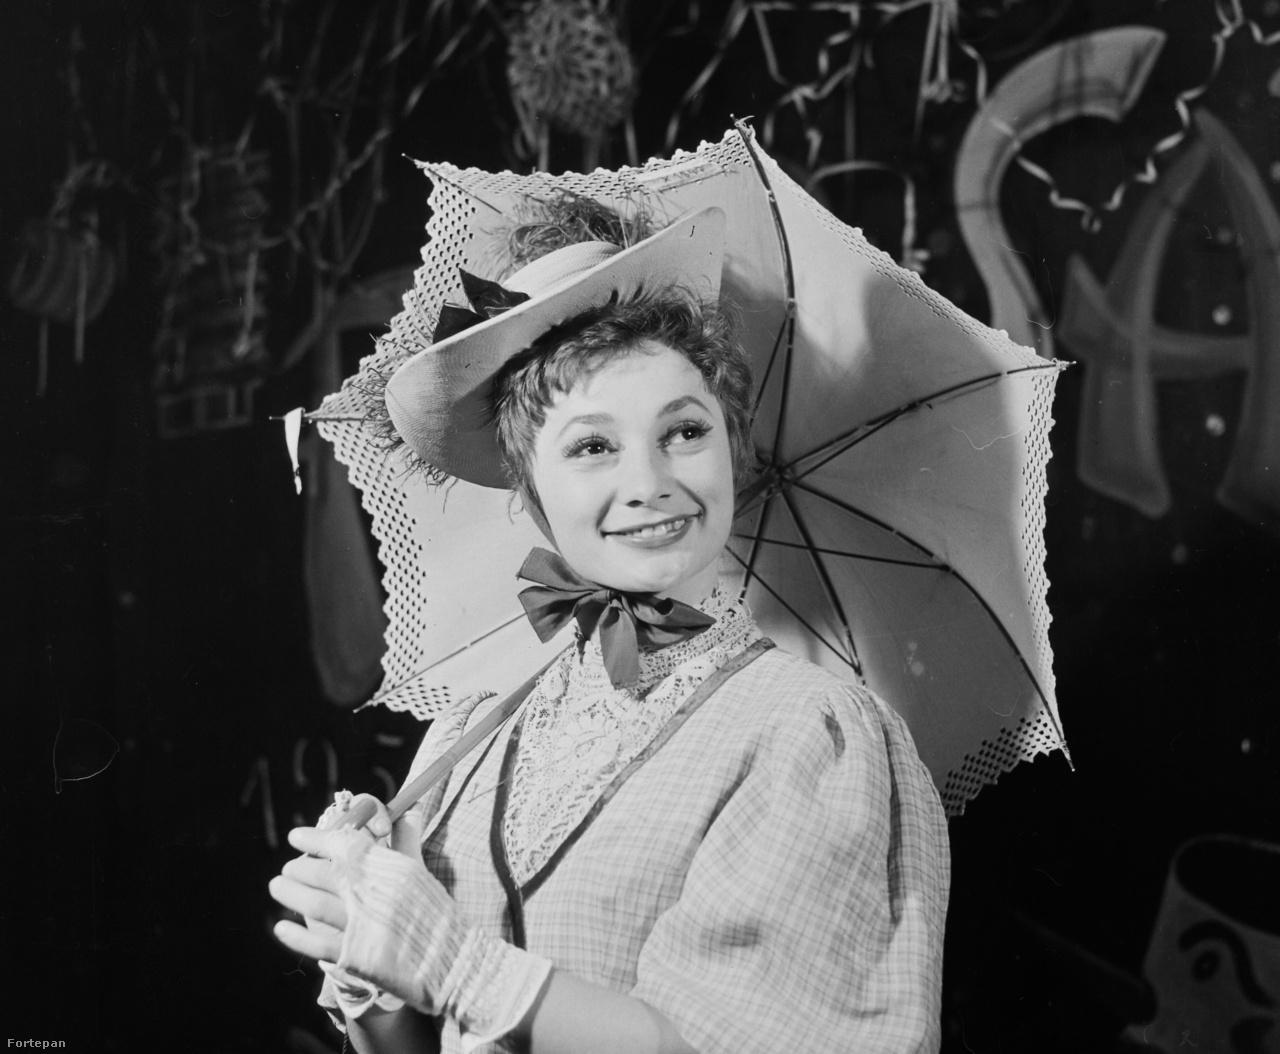 Végül a +1-es fotó, ahol nem a helyszínt, hanem a szereplőt szeretnénk                         azonosítani. A szerző itt is Bauer Sándor és tudjuk a helyszínt is, a Budapest                         Táncpalotában (Moulin Rouge) járunk a Nagymező utcában. De ki lehet a                         színésznő? Eddigi tippjeink Lechoczky Zsuzsa és Petress Zsuzsa voltak,                         de kifogott rajtunk a dolog. Ki lehet az esernyős lady?